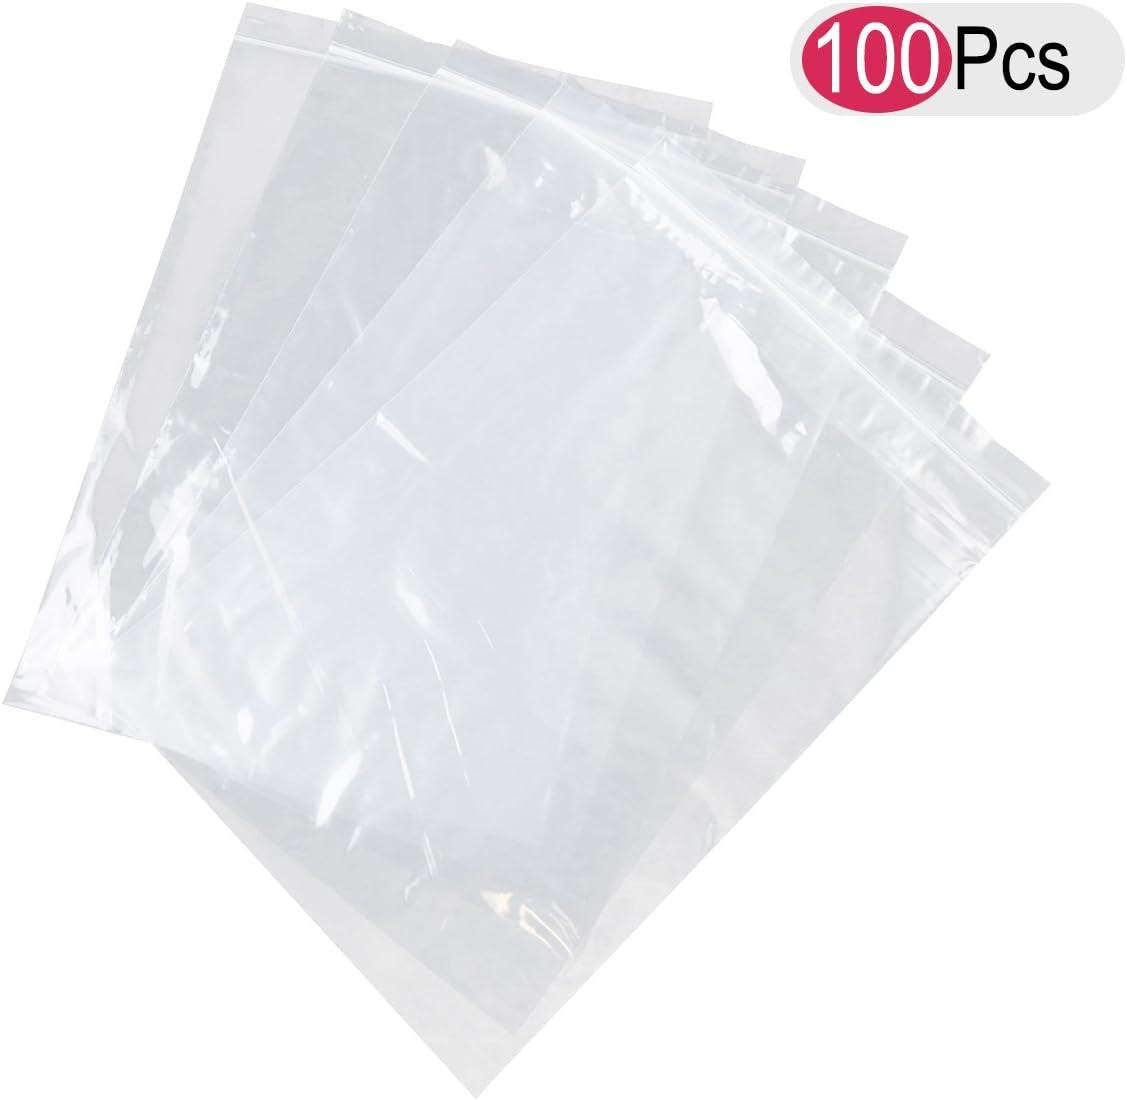 de pl/ástico Bolsas con cierre de zip transparente para alimentos 100 unidades Bestomz 15/x 22/cm